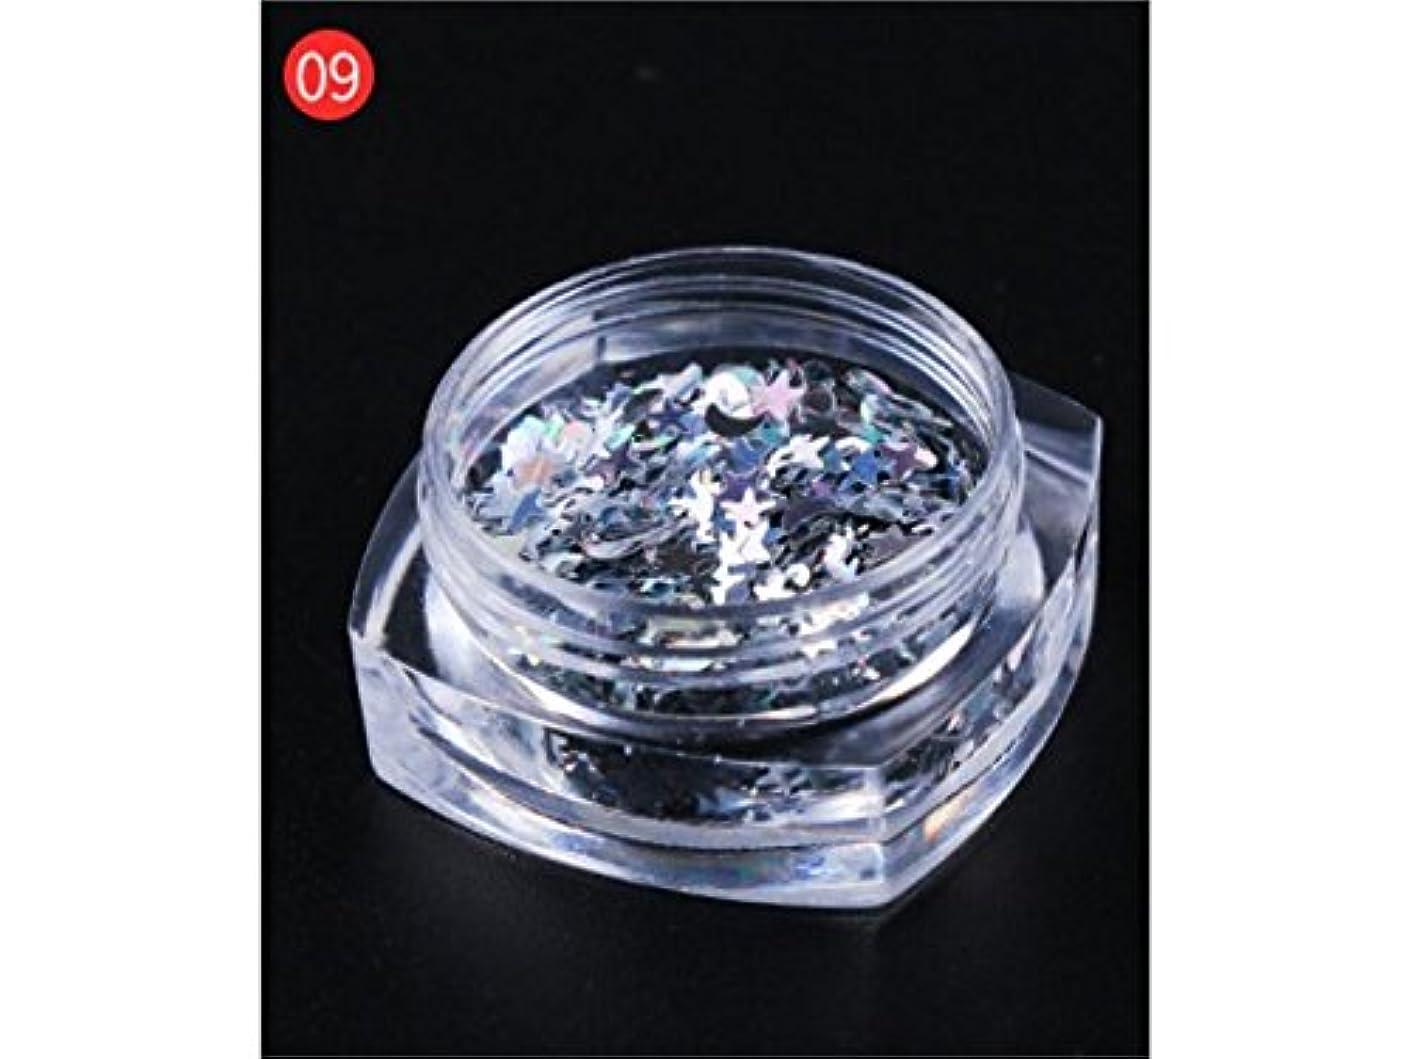 ファッション会計マントOsize DIYのキラキラ輝く星のスパンコールのためのマルチ形状のキラキラの色とりどりのカラフルなスパンコールはネイルアートとデコレーション(シルバー)